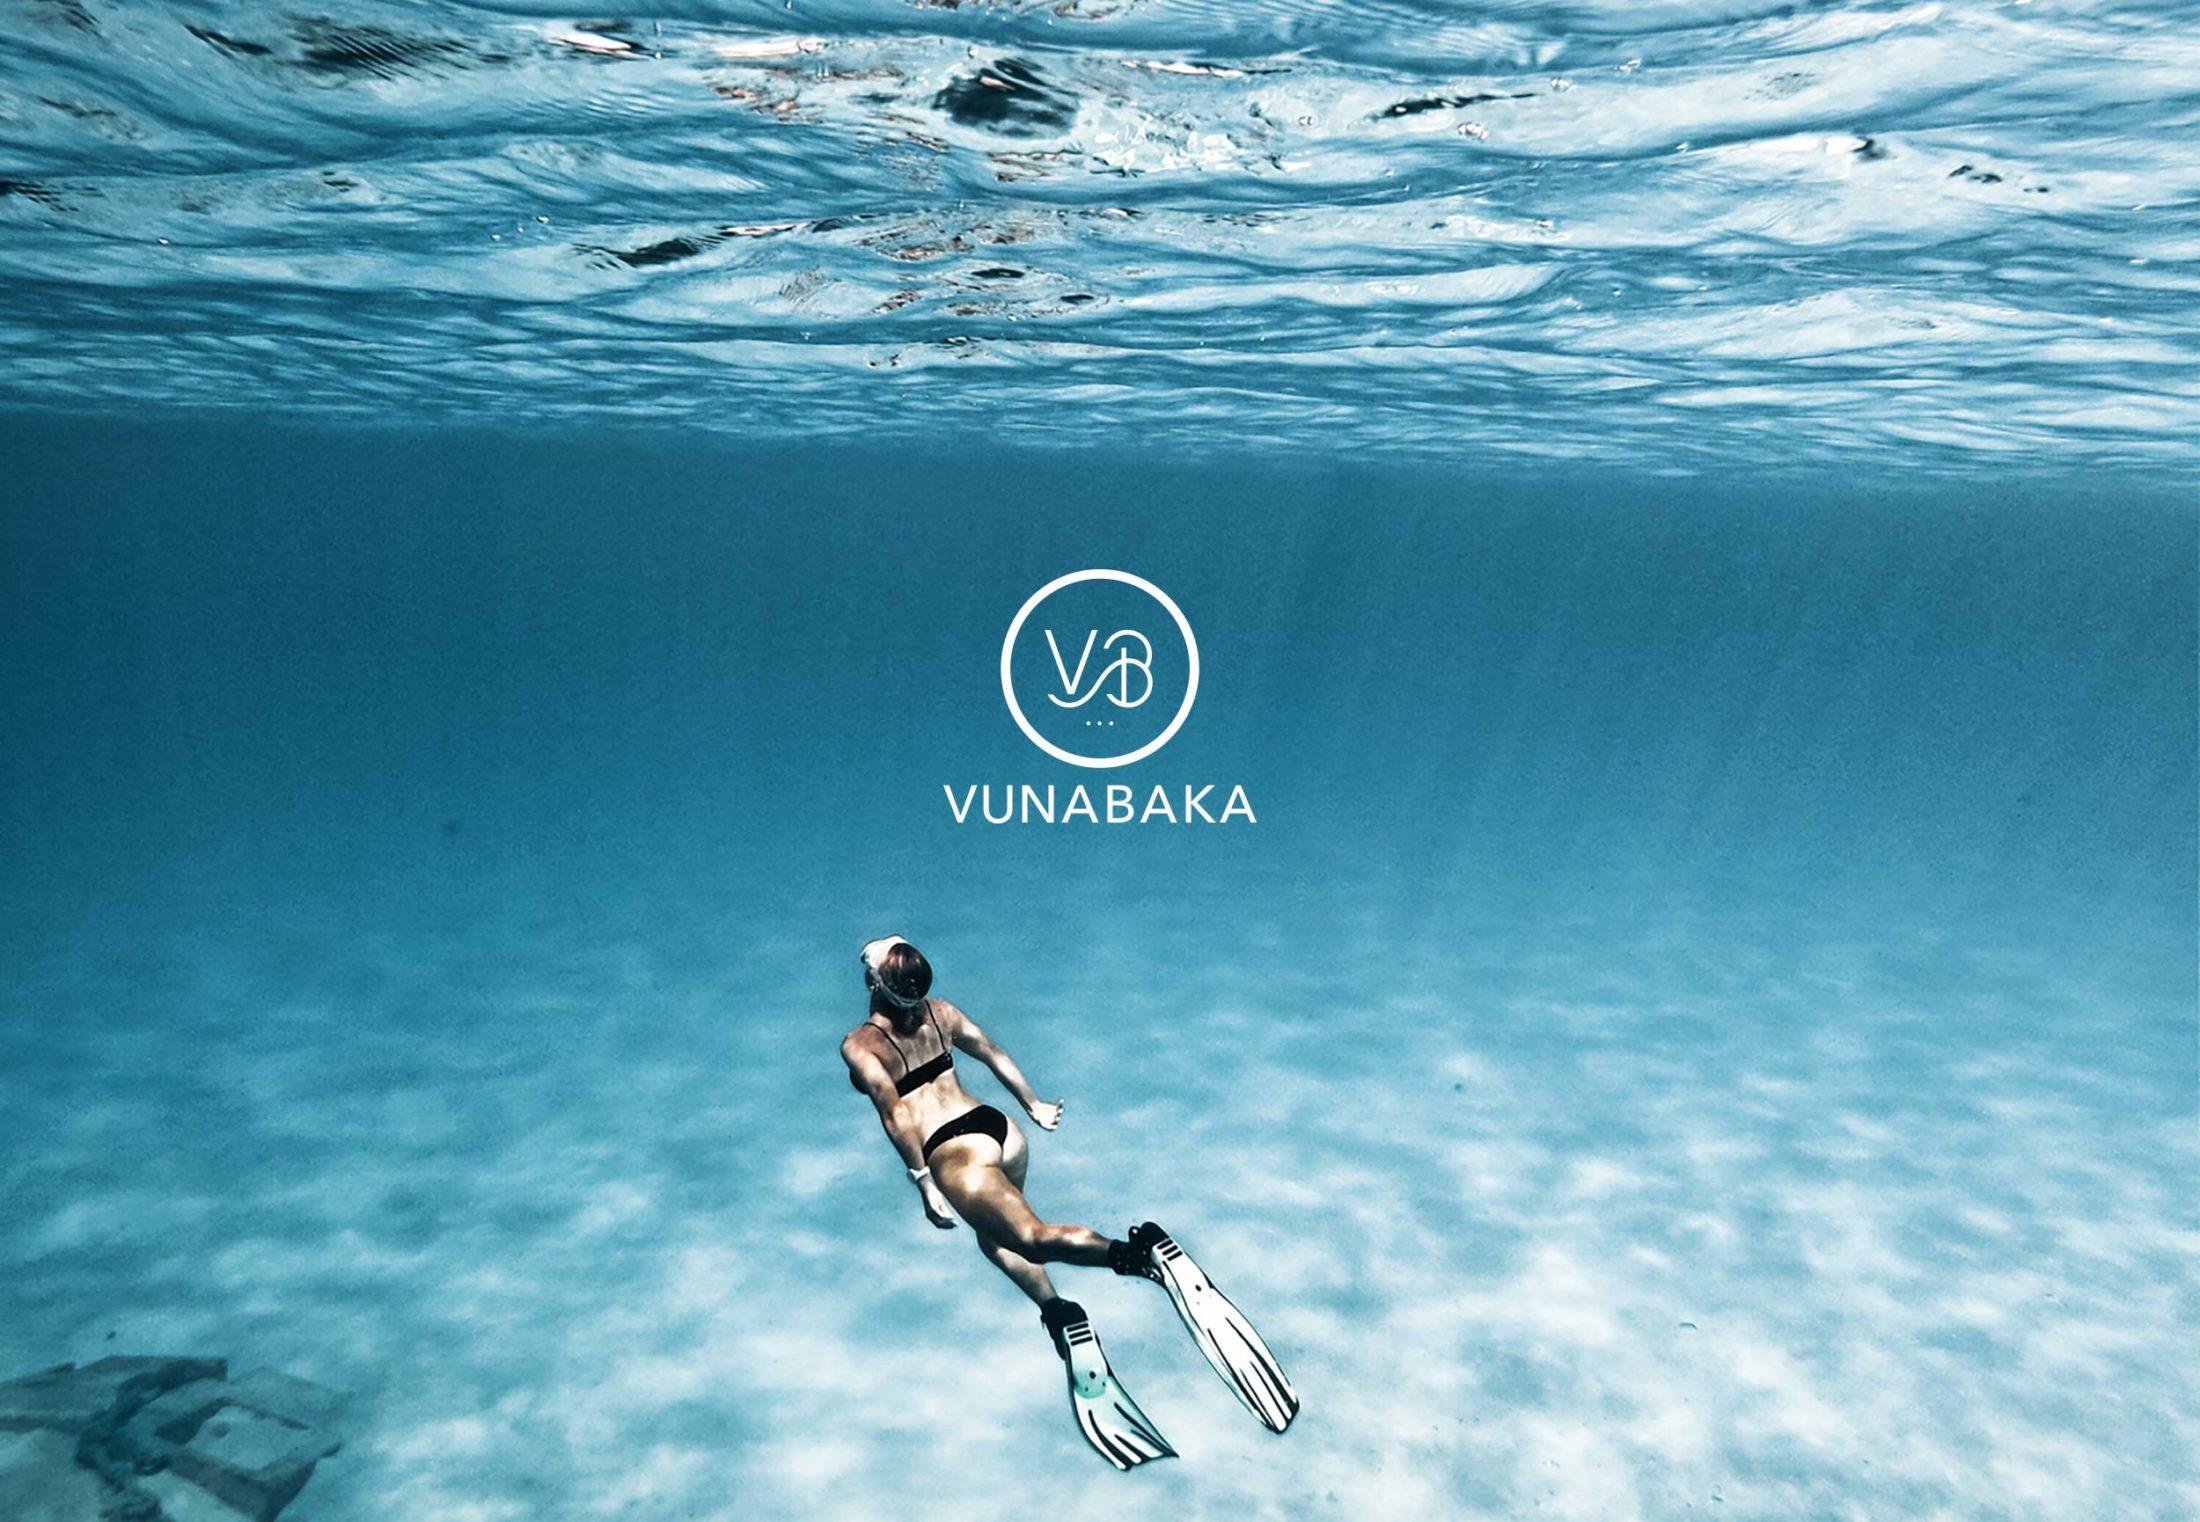 Vunabaka